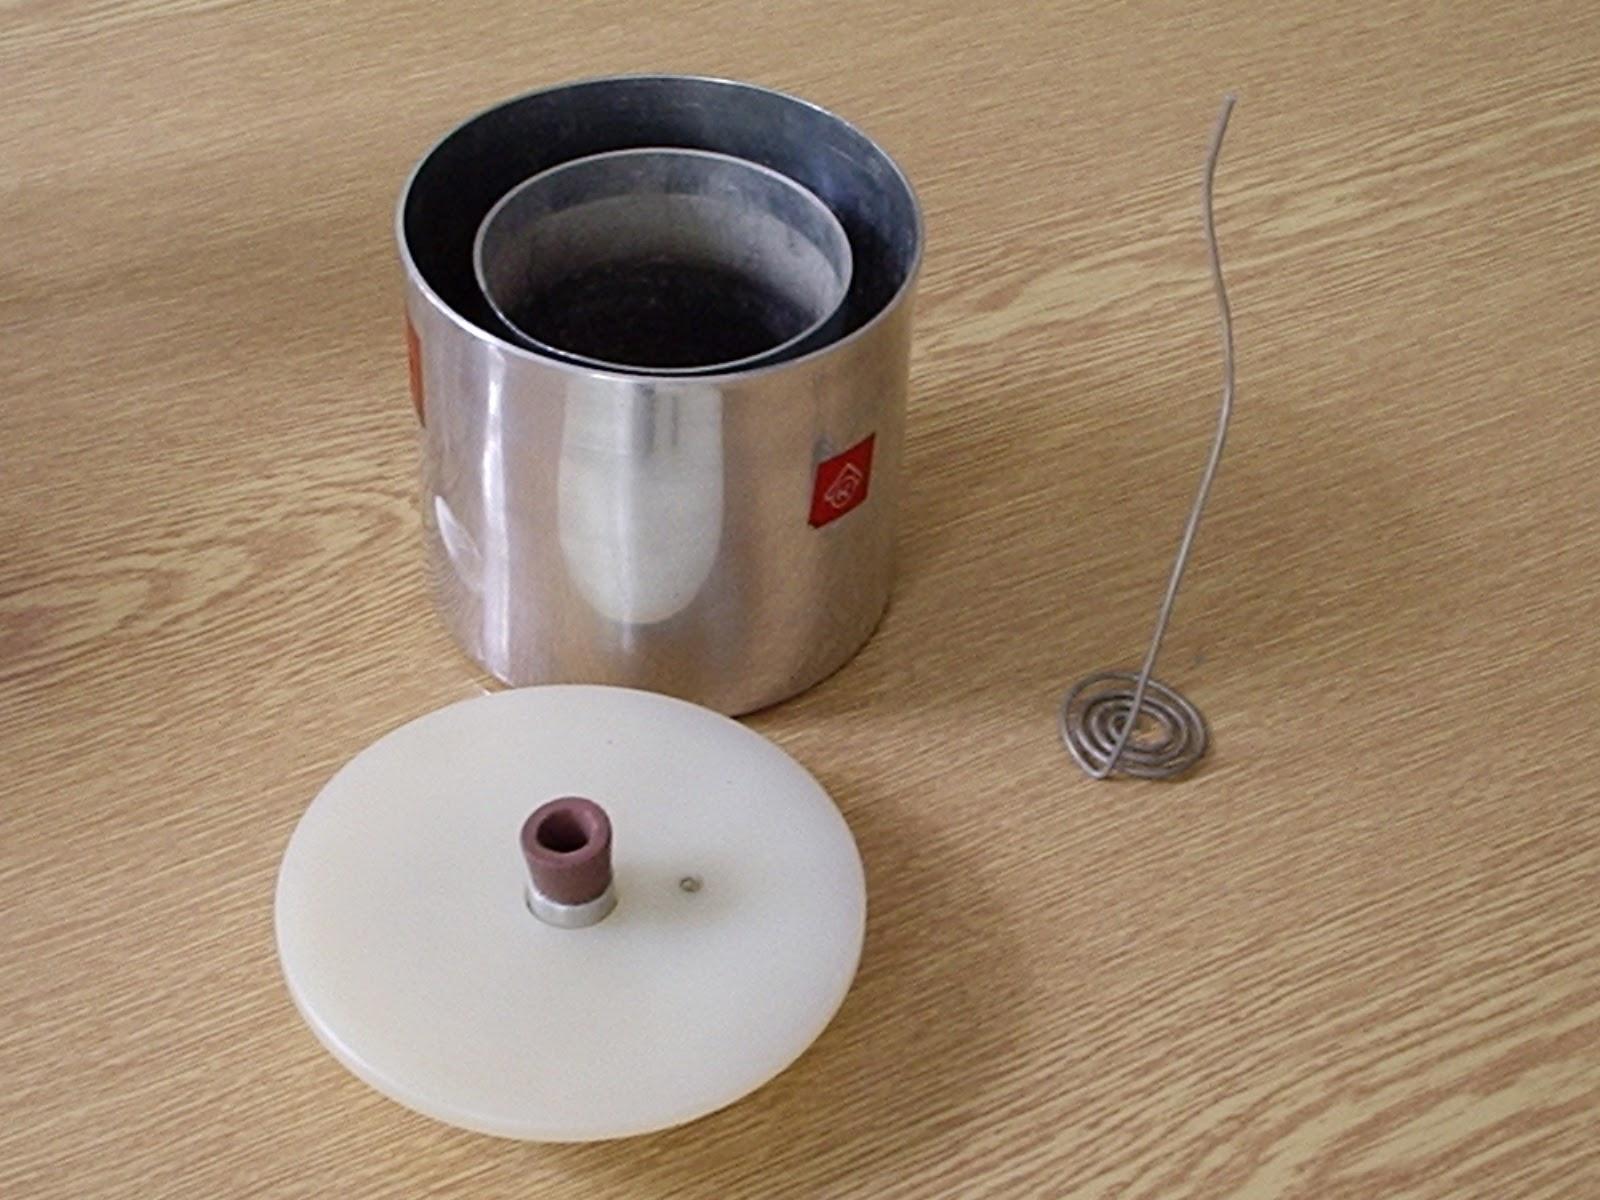 kalorimeter,alat fisika,alat praktikum,laboratorium